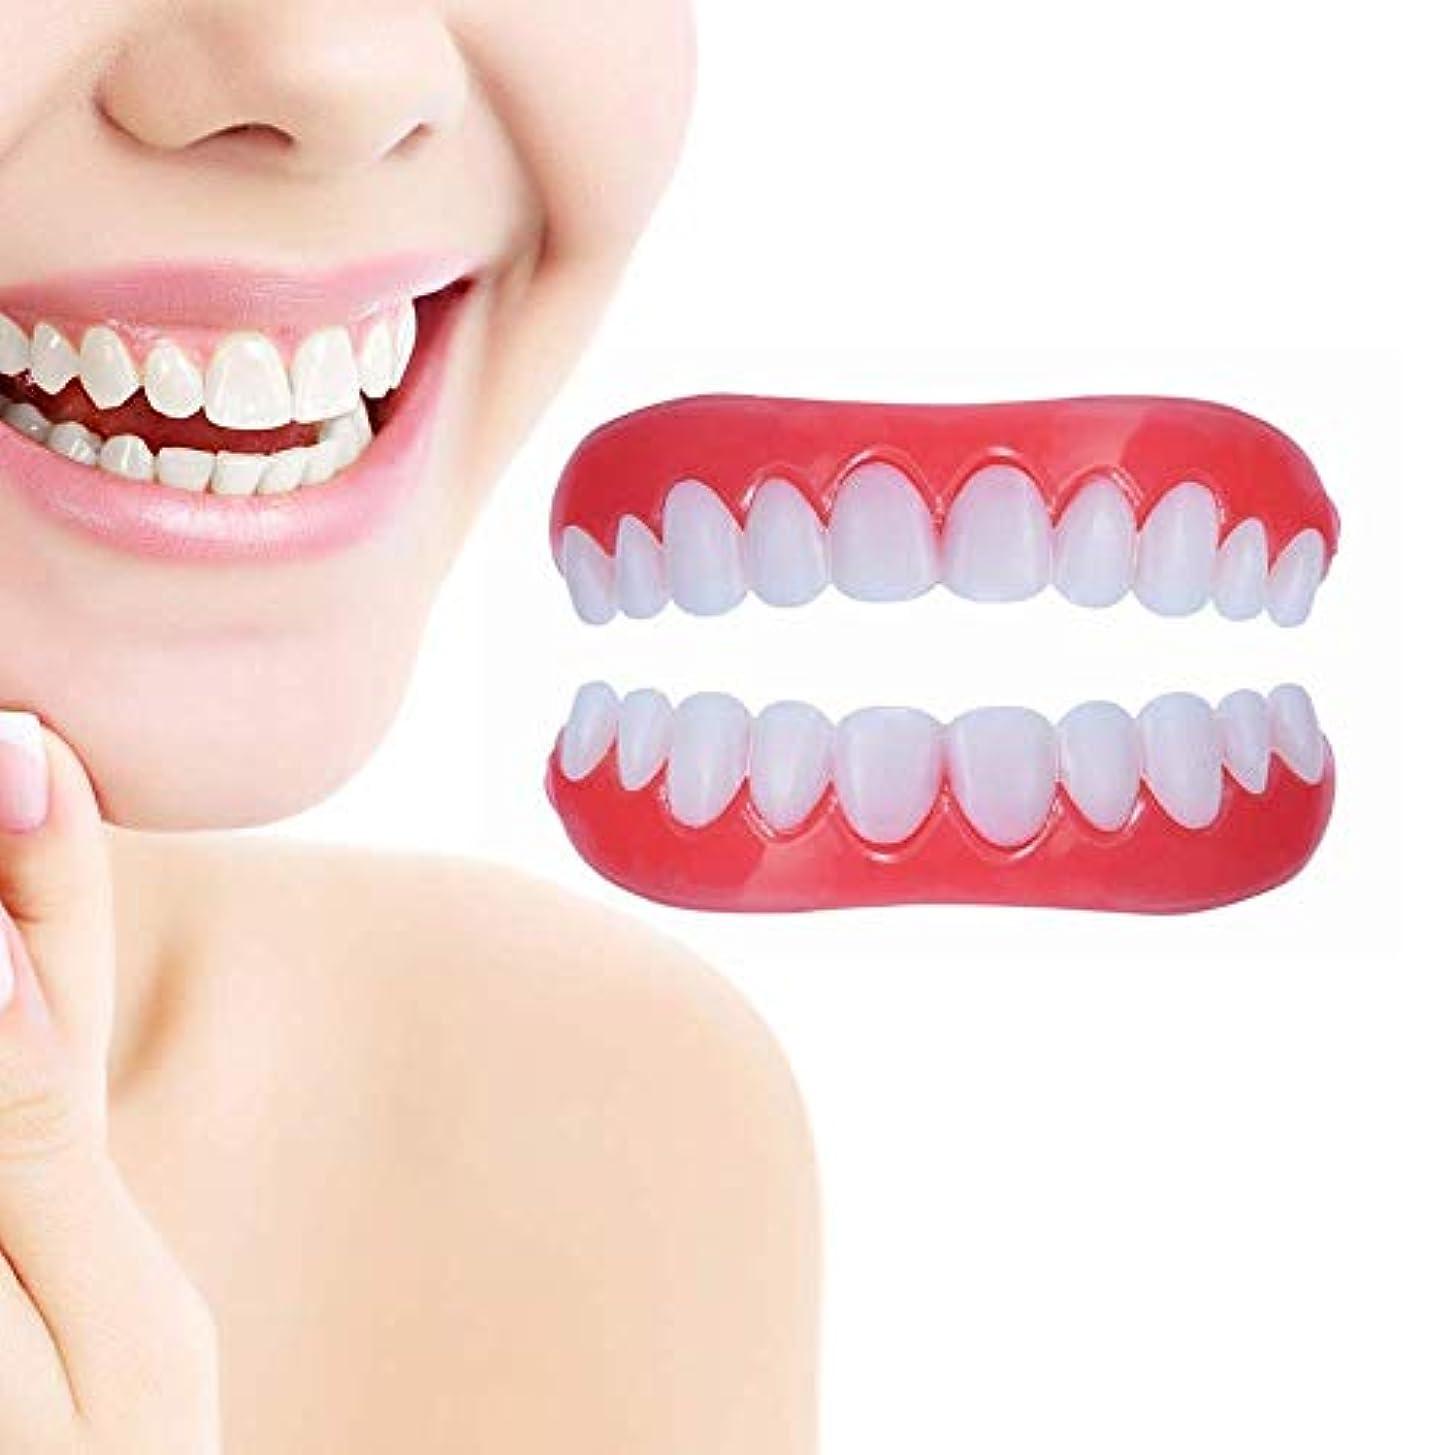 電気陽性スロベニアブラジャー仮装用義歯義歯用化粧品シミュレートされたブレース上部ブレース+下部ブレース、ホワイトニング歯スナップキャップ,5pairs